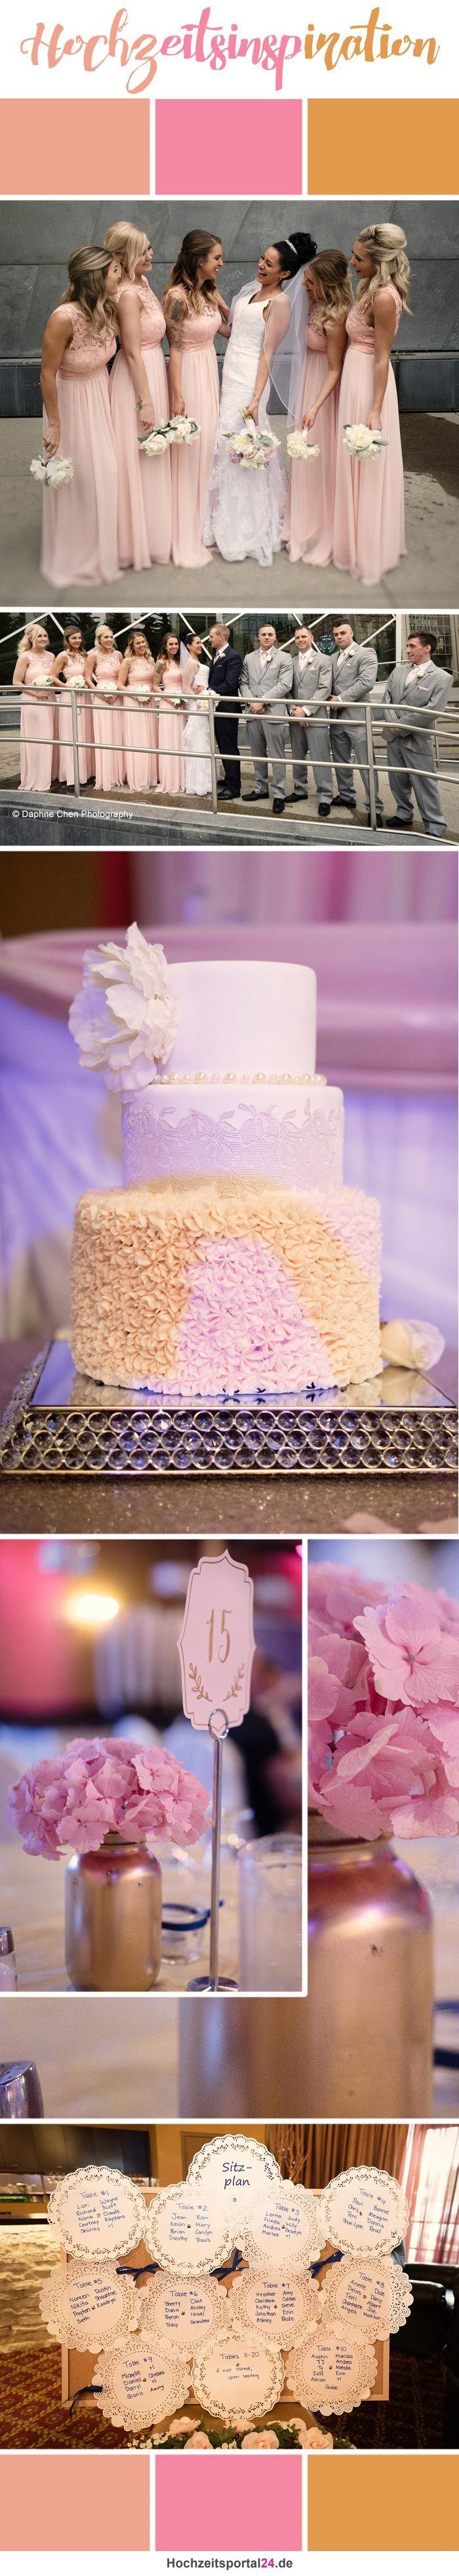 77 besten Hochzeit Bilder auf Pinterest